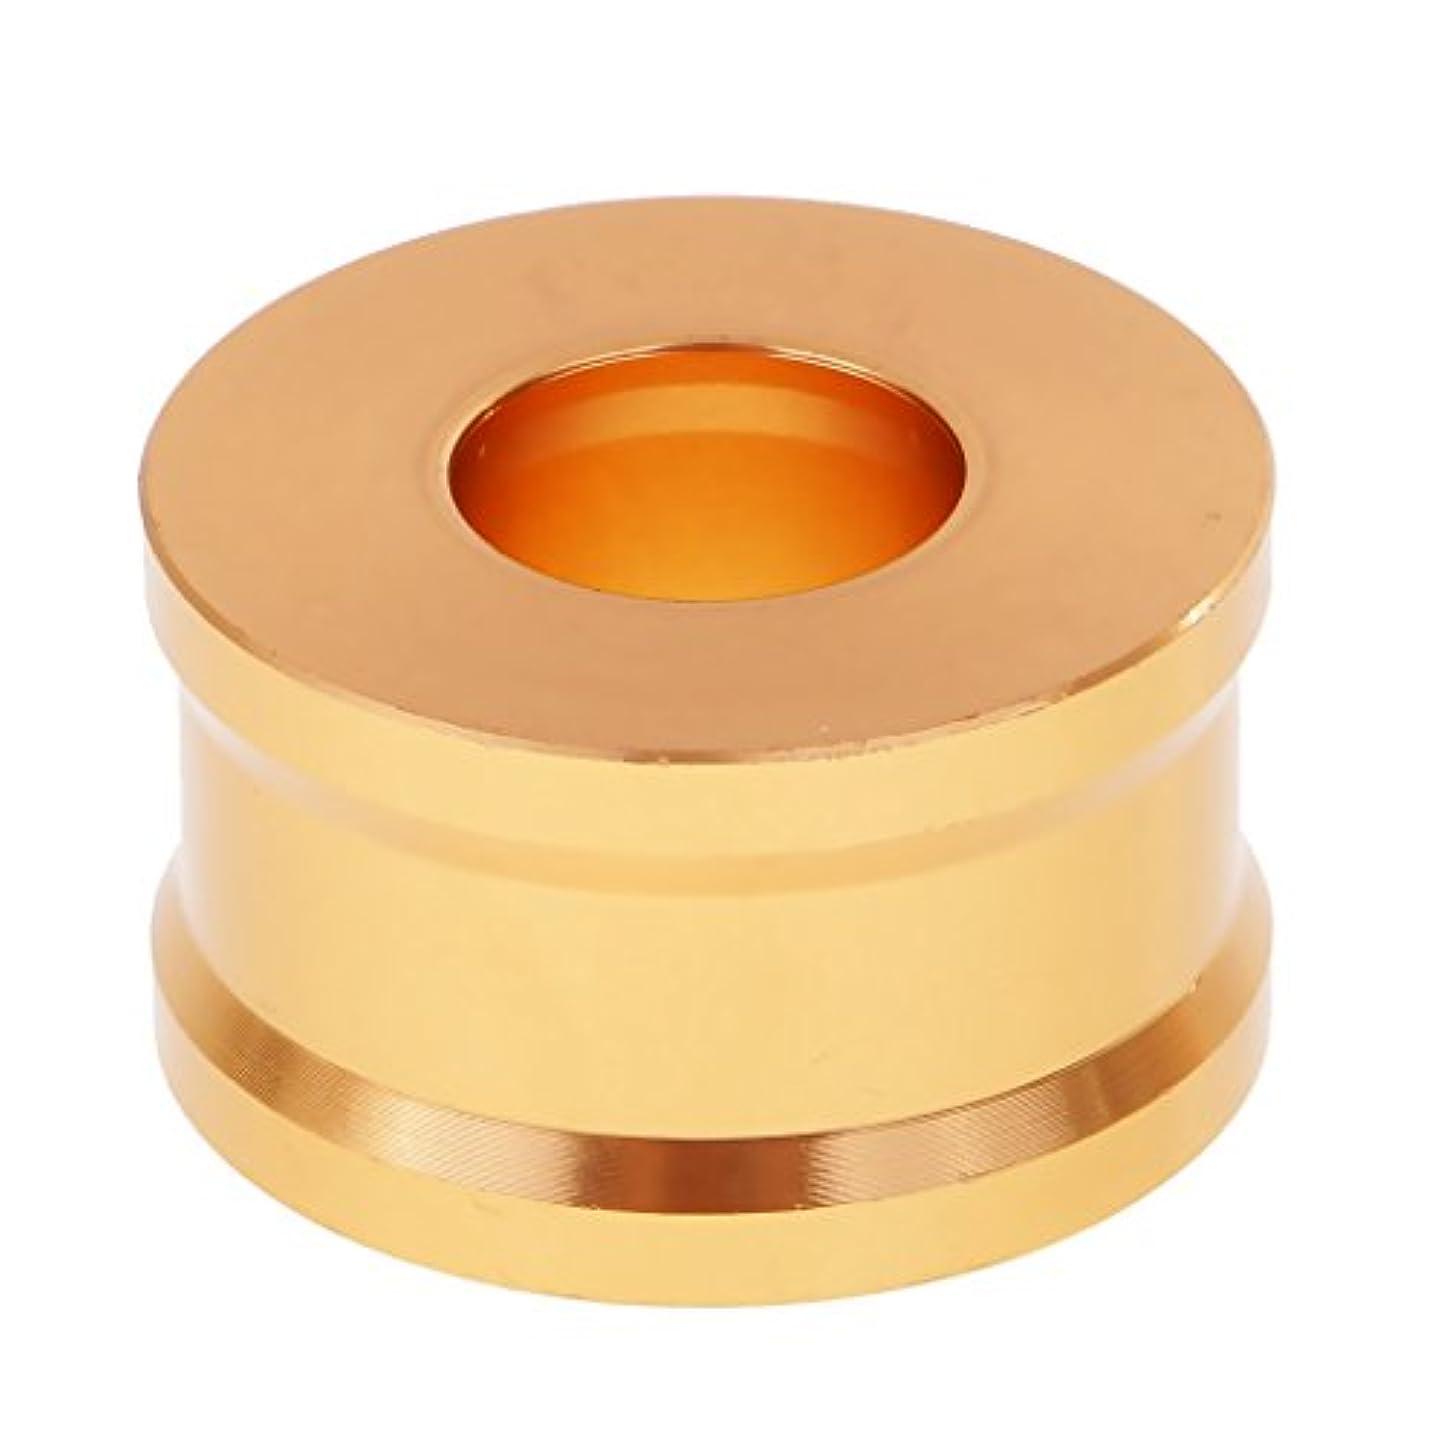 成功した床きらめく12.1ミリメートルチューブのためのDIYの口紅の型リングのリップクリームDIY金型メイクアップツール